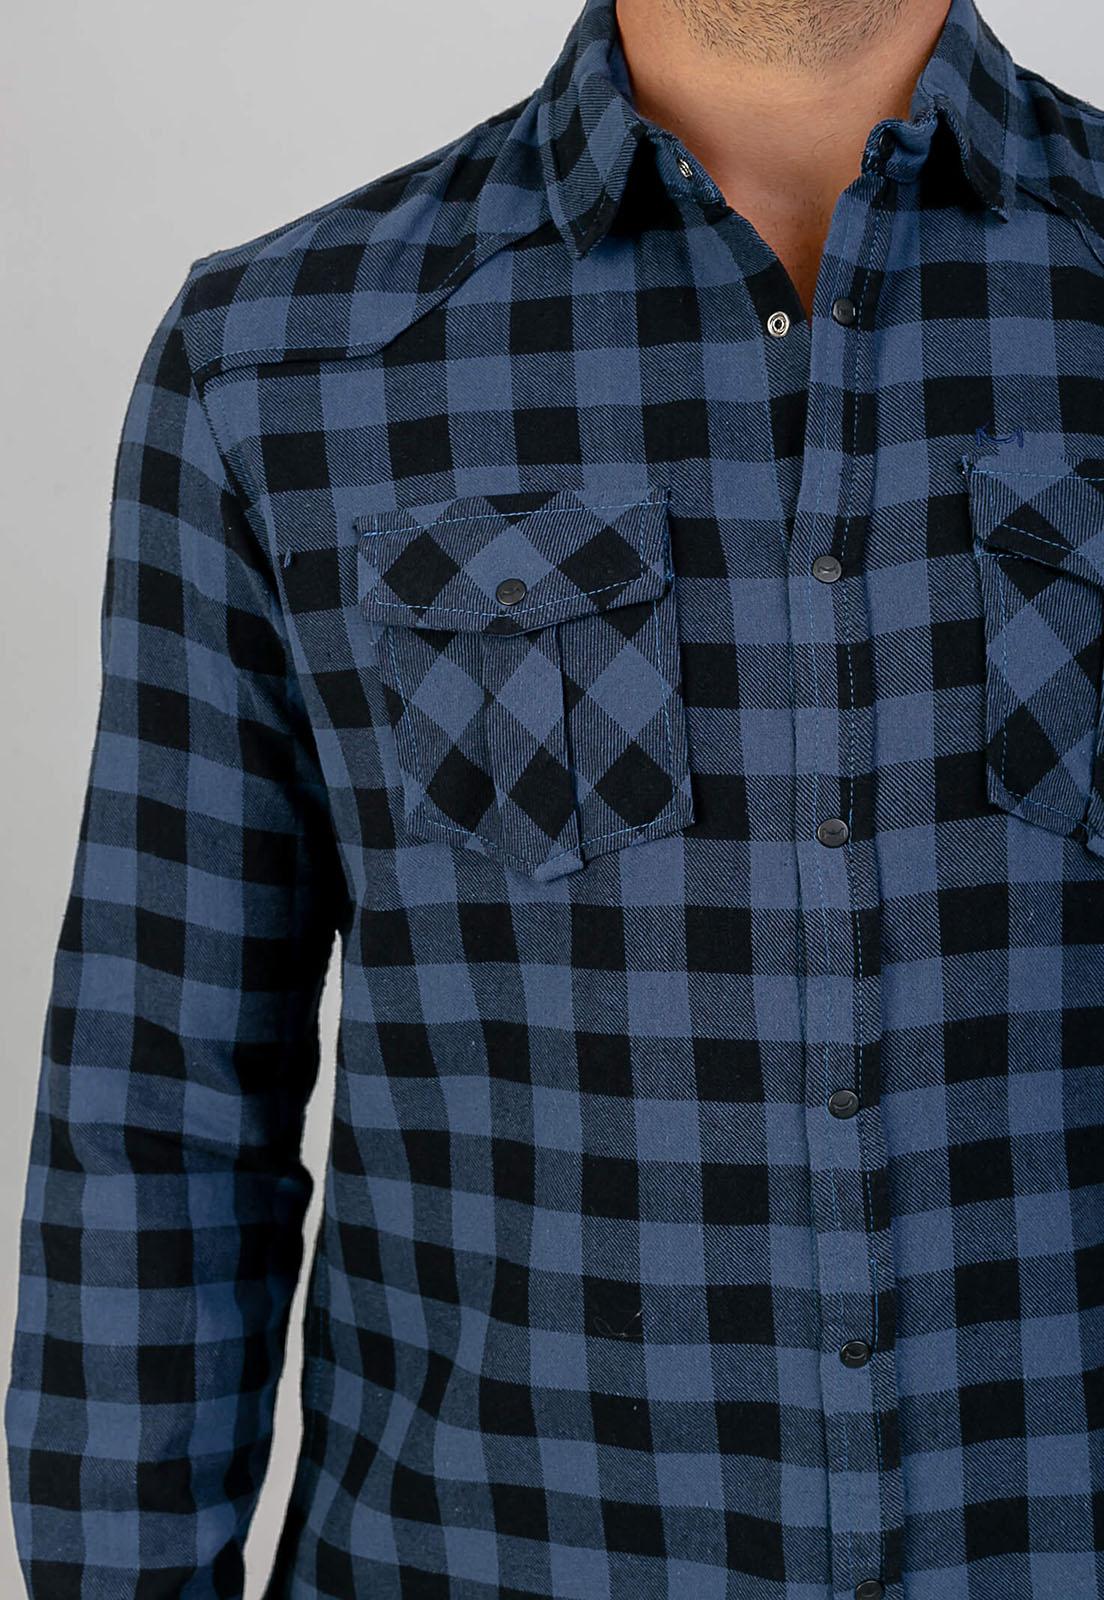 Camisa Lyla Xadrez Azul Melty  - melty surf & Co.